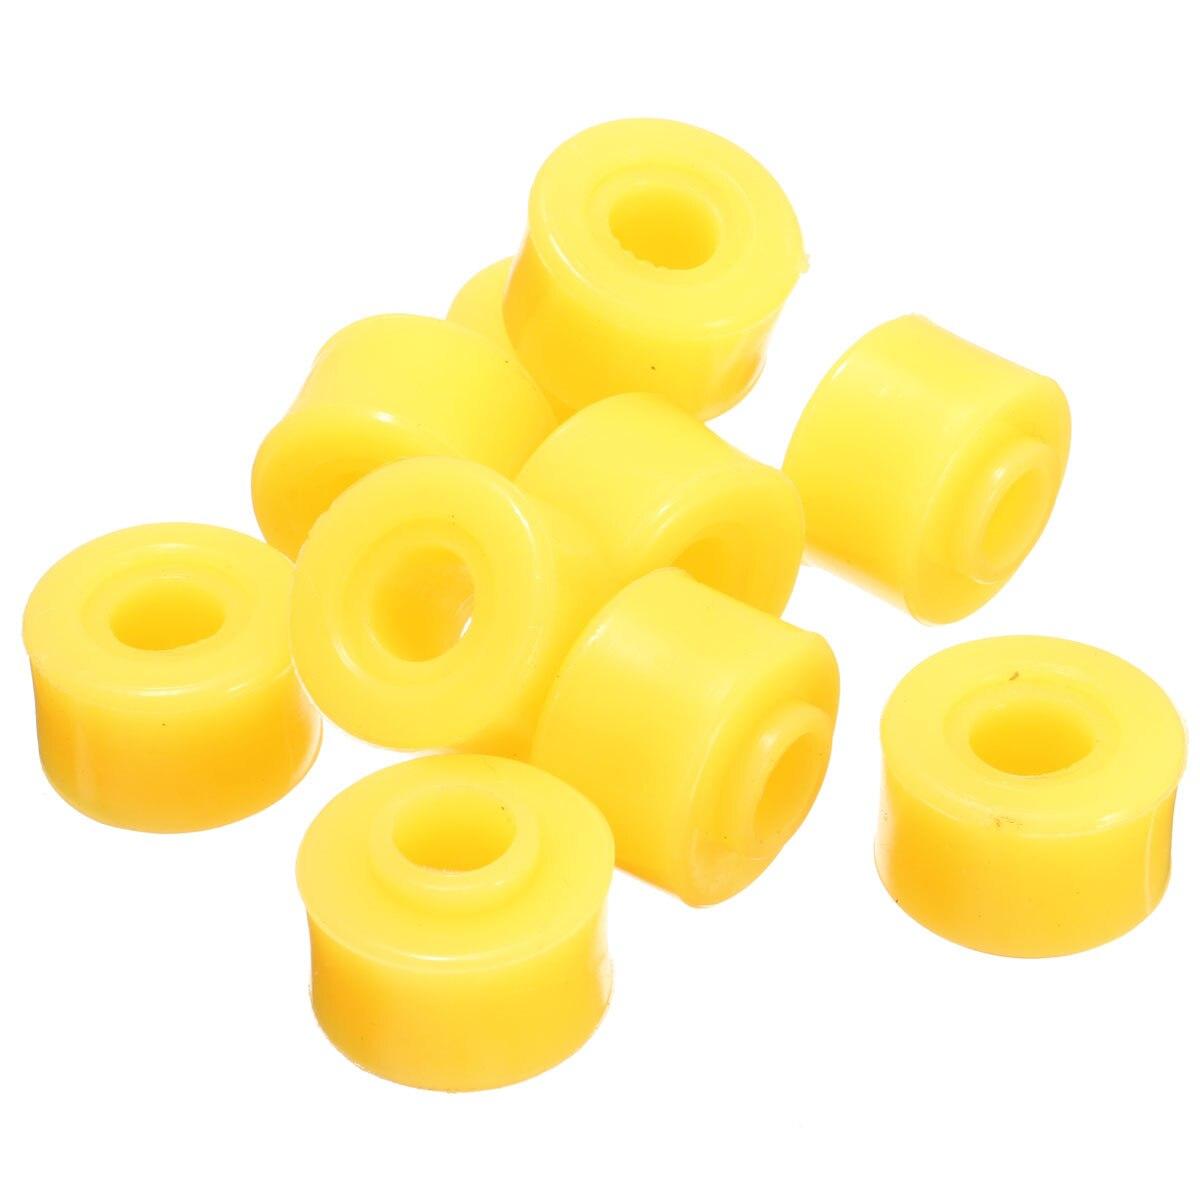 10 มิลลิเมตร 10 ชิ้นด้านใน Dia สีเหลืองโช้คอัพยาง Bushings สำหรับ Auto Car